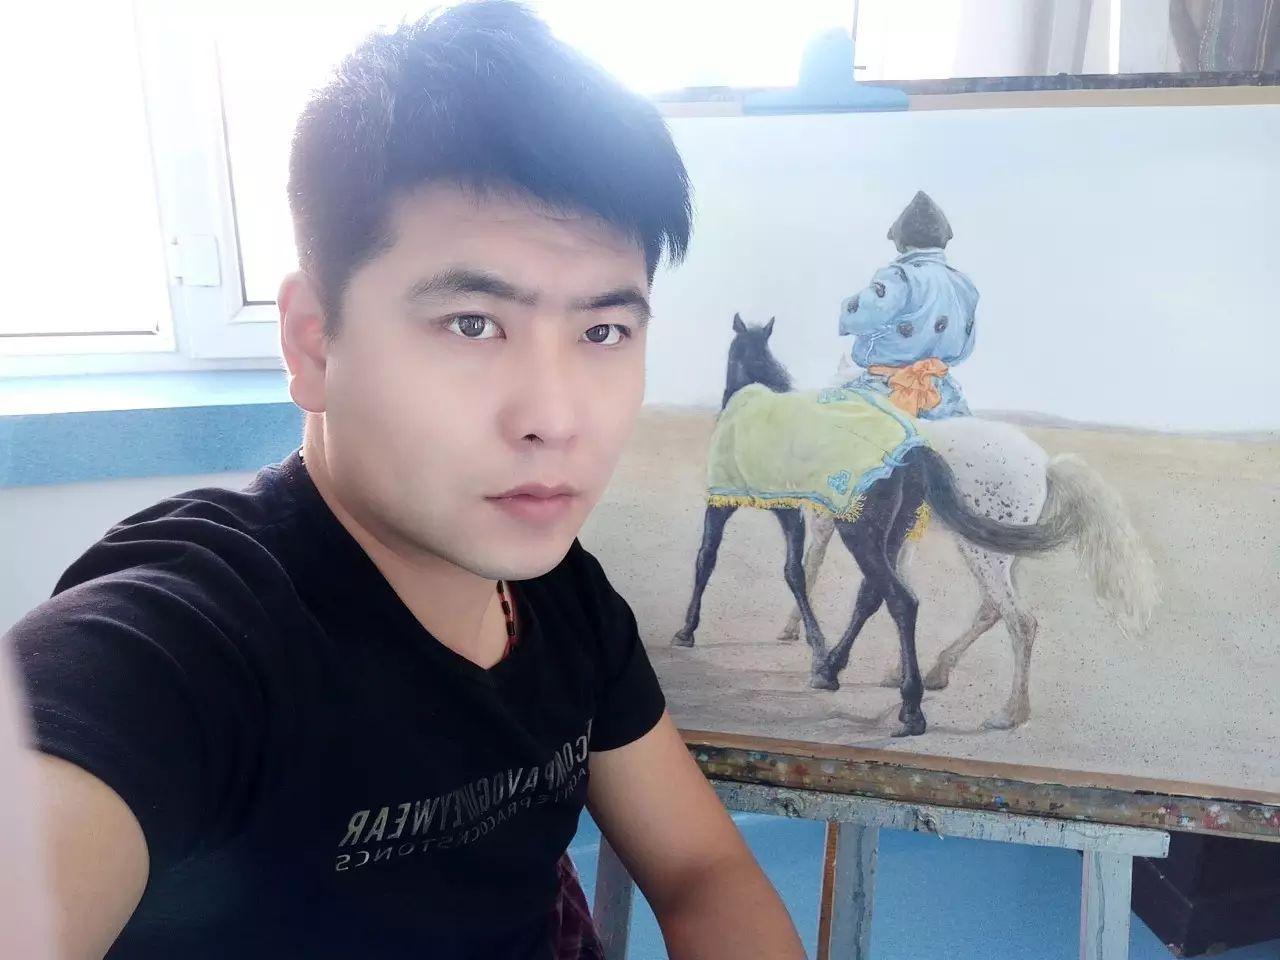 【图片】包大伟水粉画作品欣赏 第1张 【图片】包大伟水粉画作品欣赏 蒙古画廊